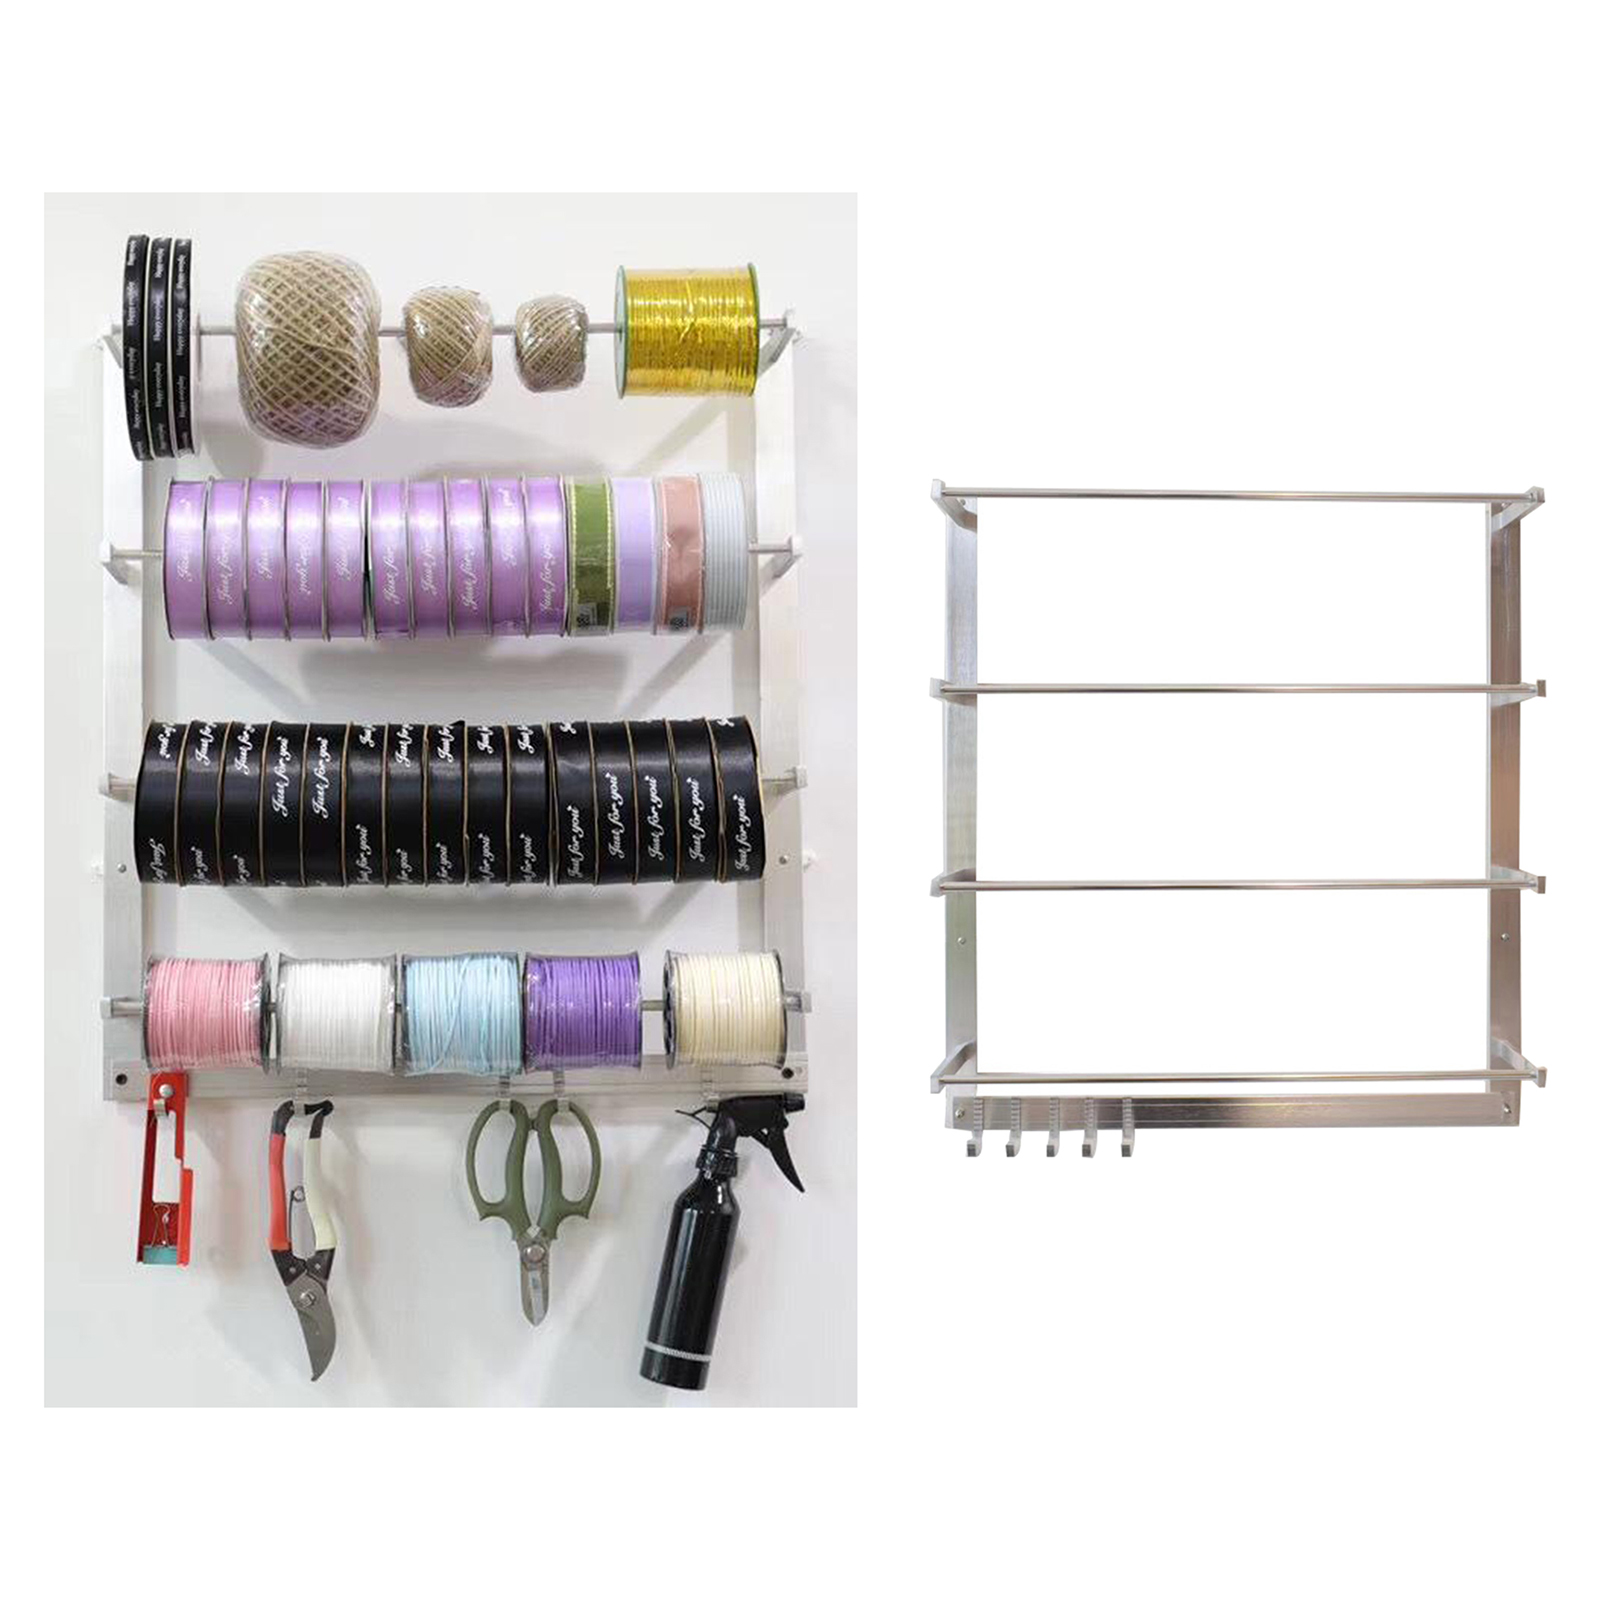 Cheap Caixa de costura DIY